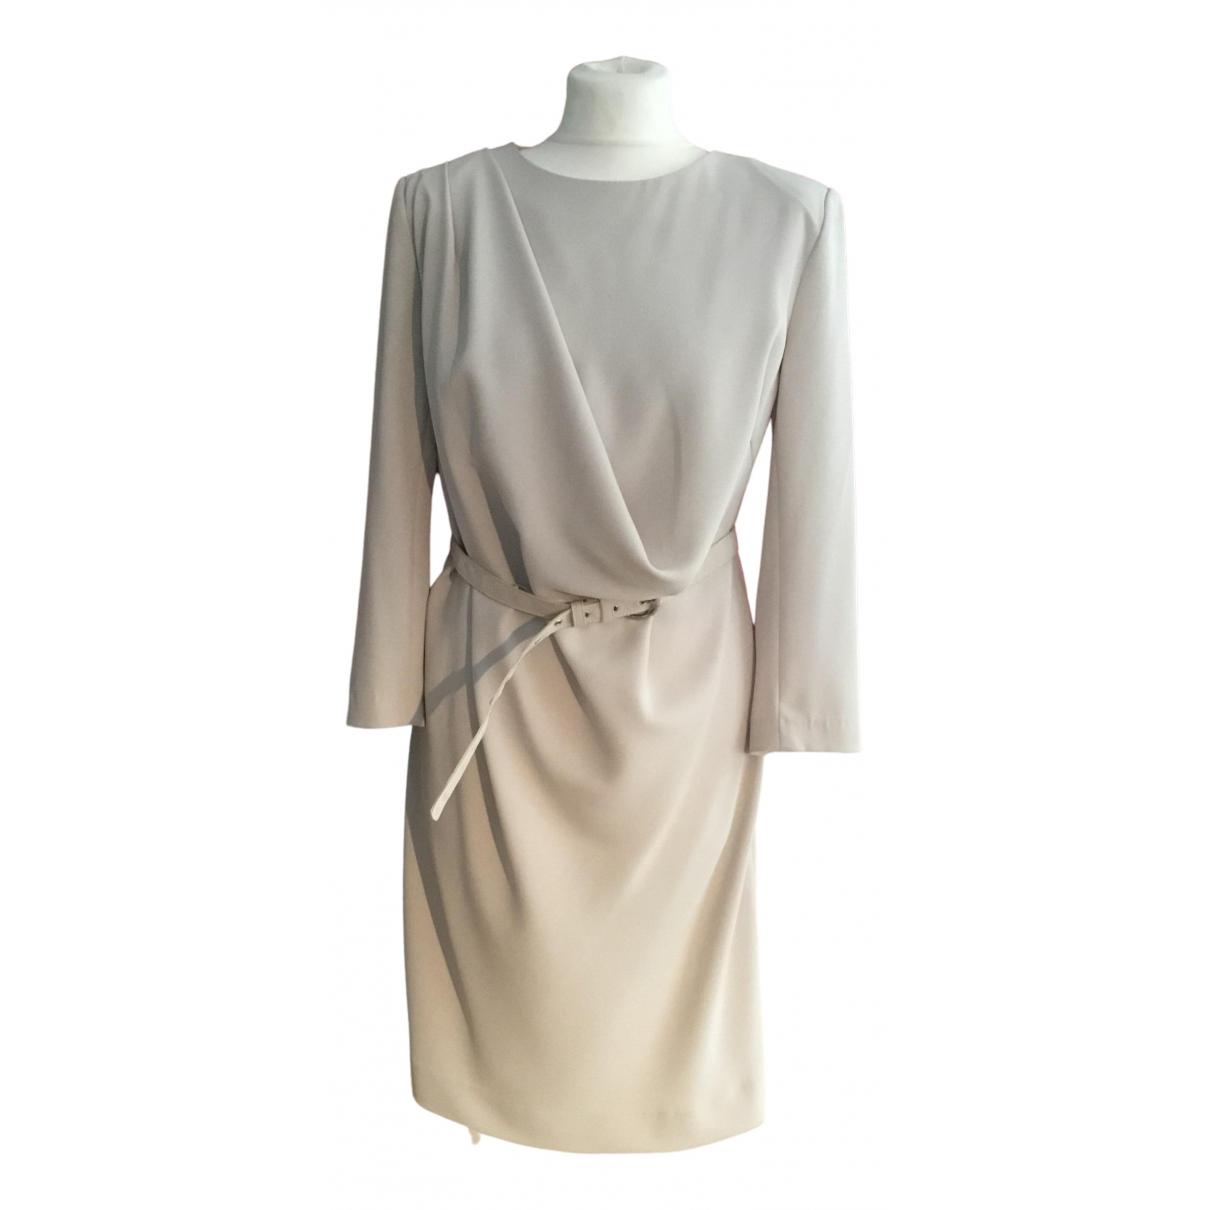 Patrizia Pepe \N Kleid in  Beige Polyester